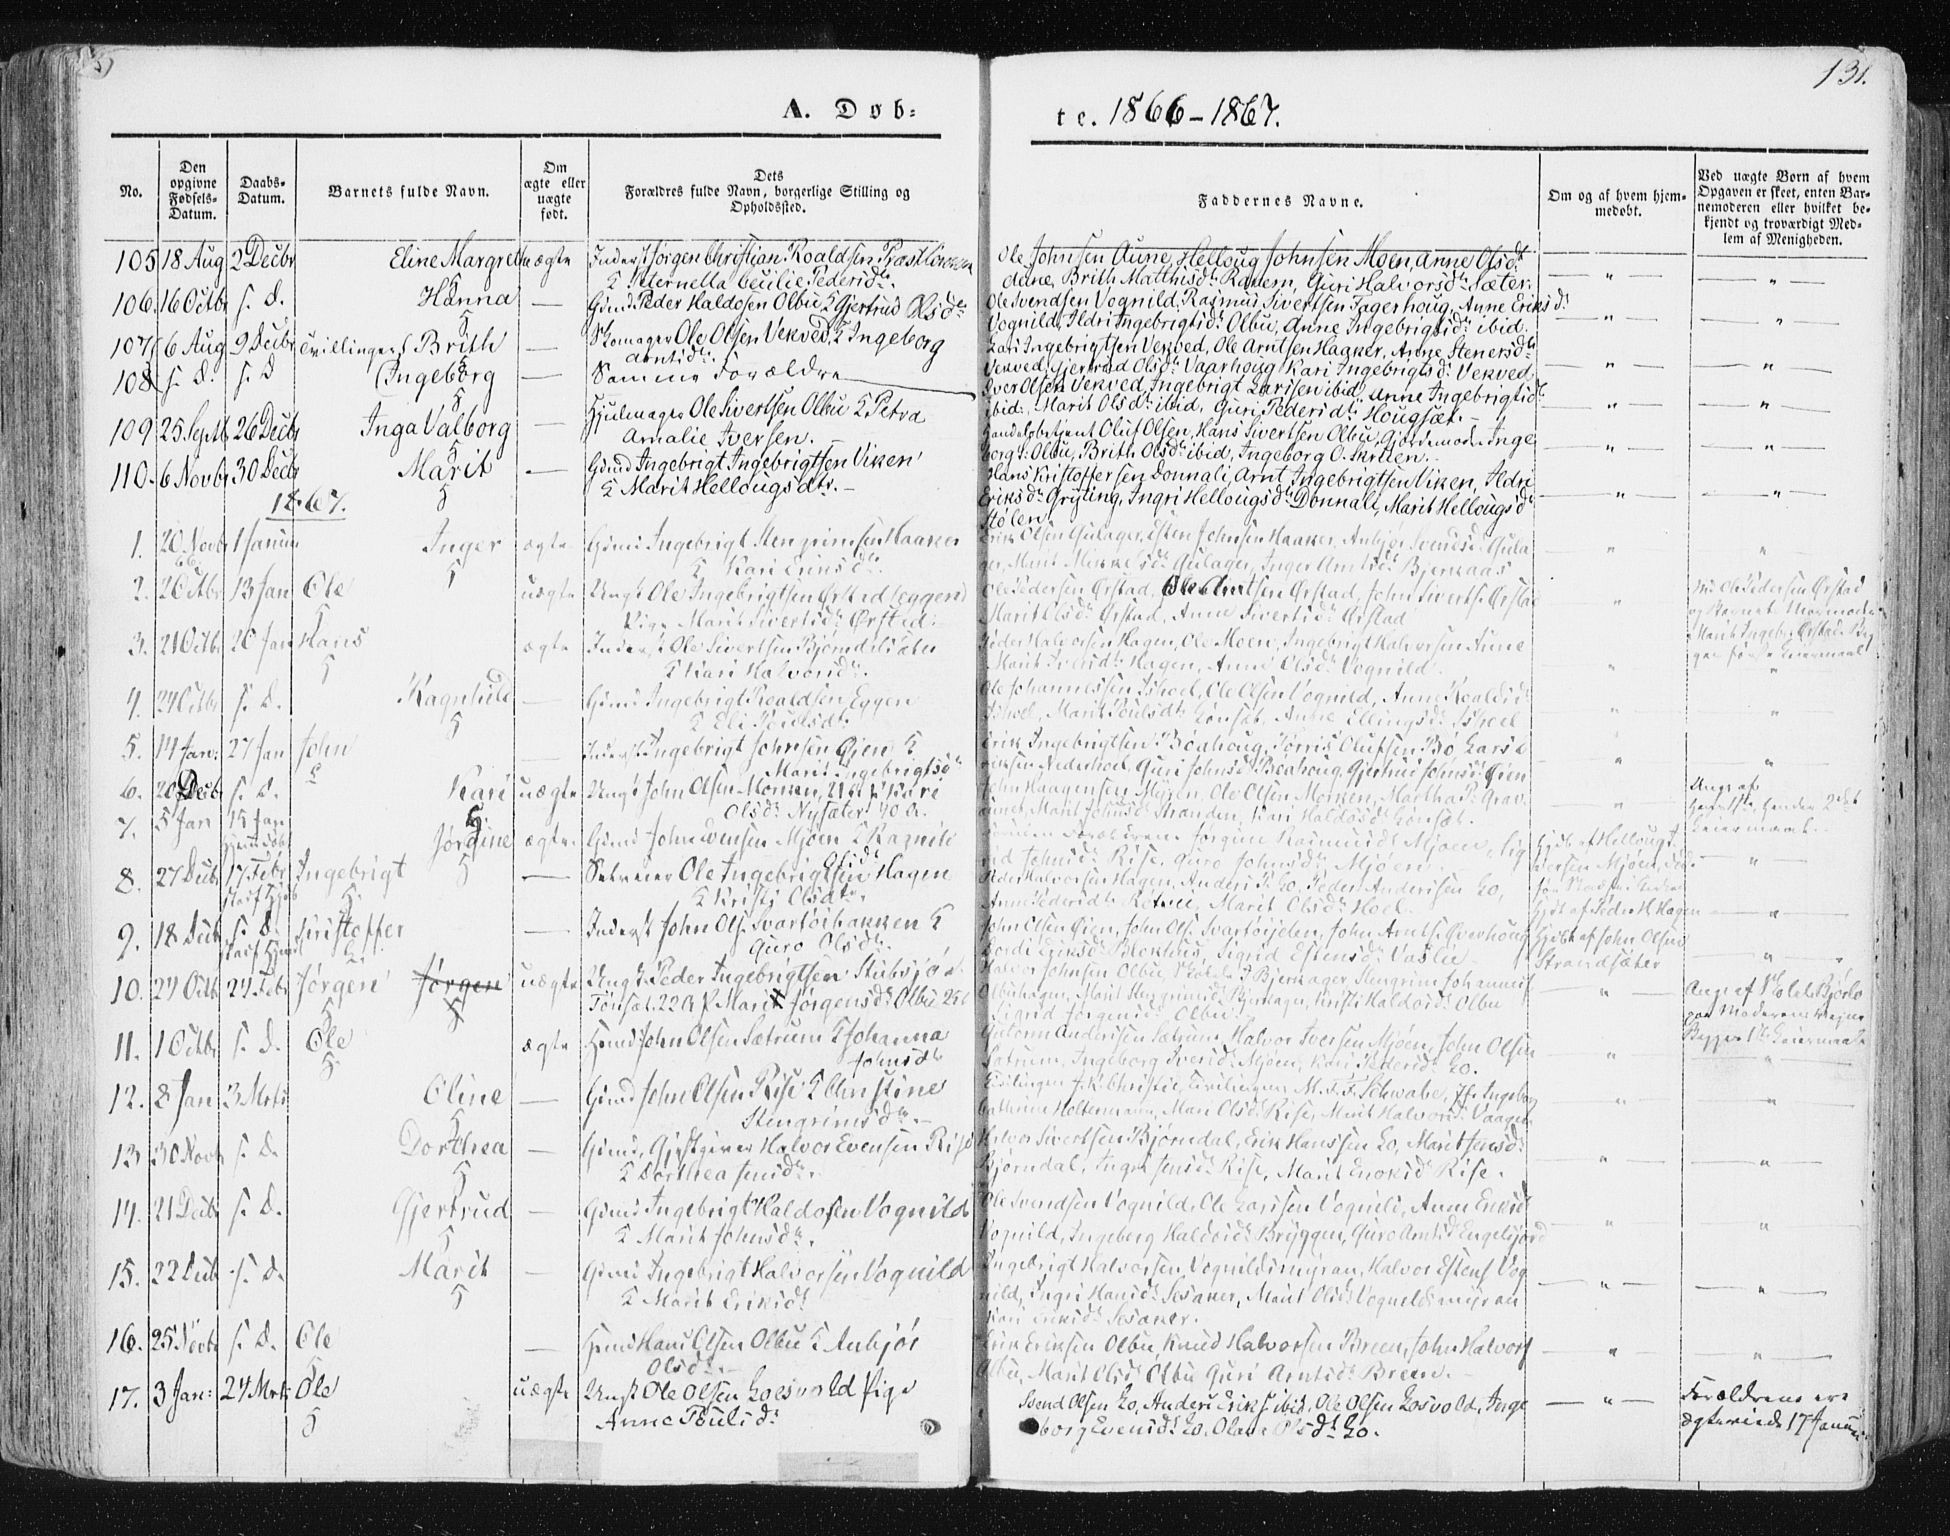 SAT, Ministerialprotokoller, klokkerbøker og fødselsregistre - Sør-Trøndelag, 678/L0899: Ministerialbok nr. 678A08, 1848-1872, s. 131